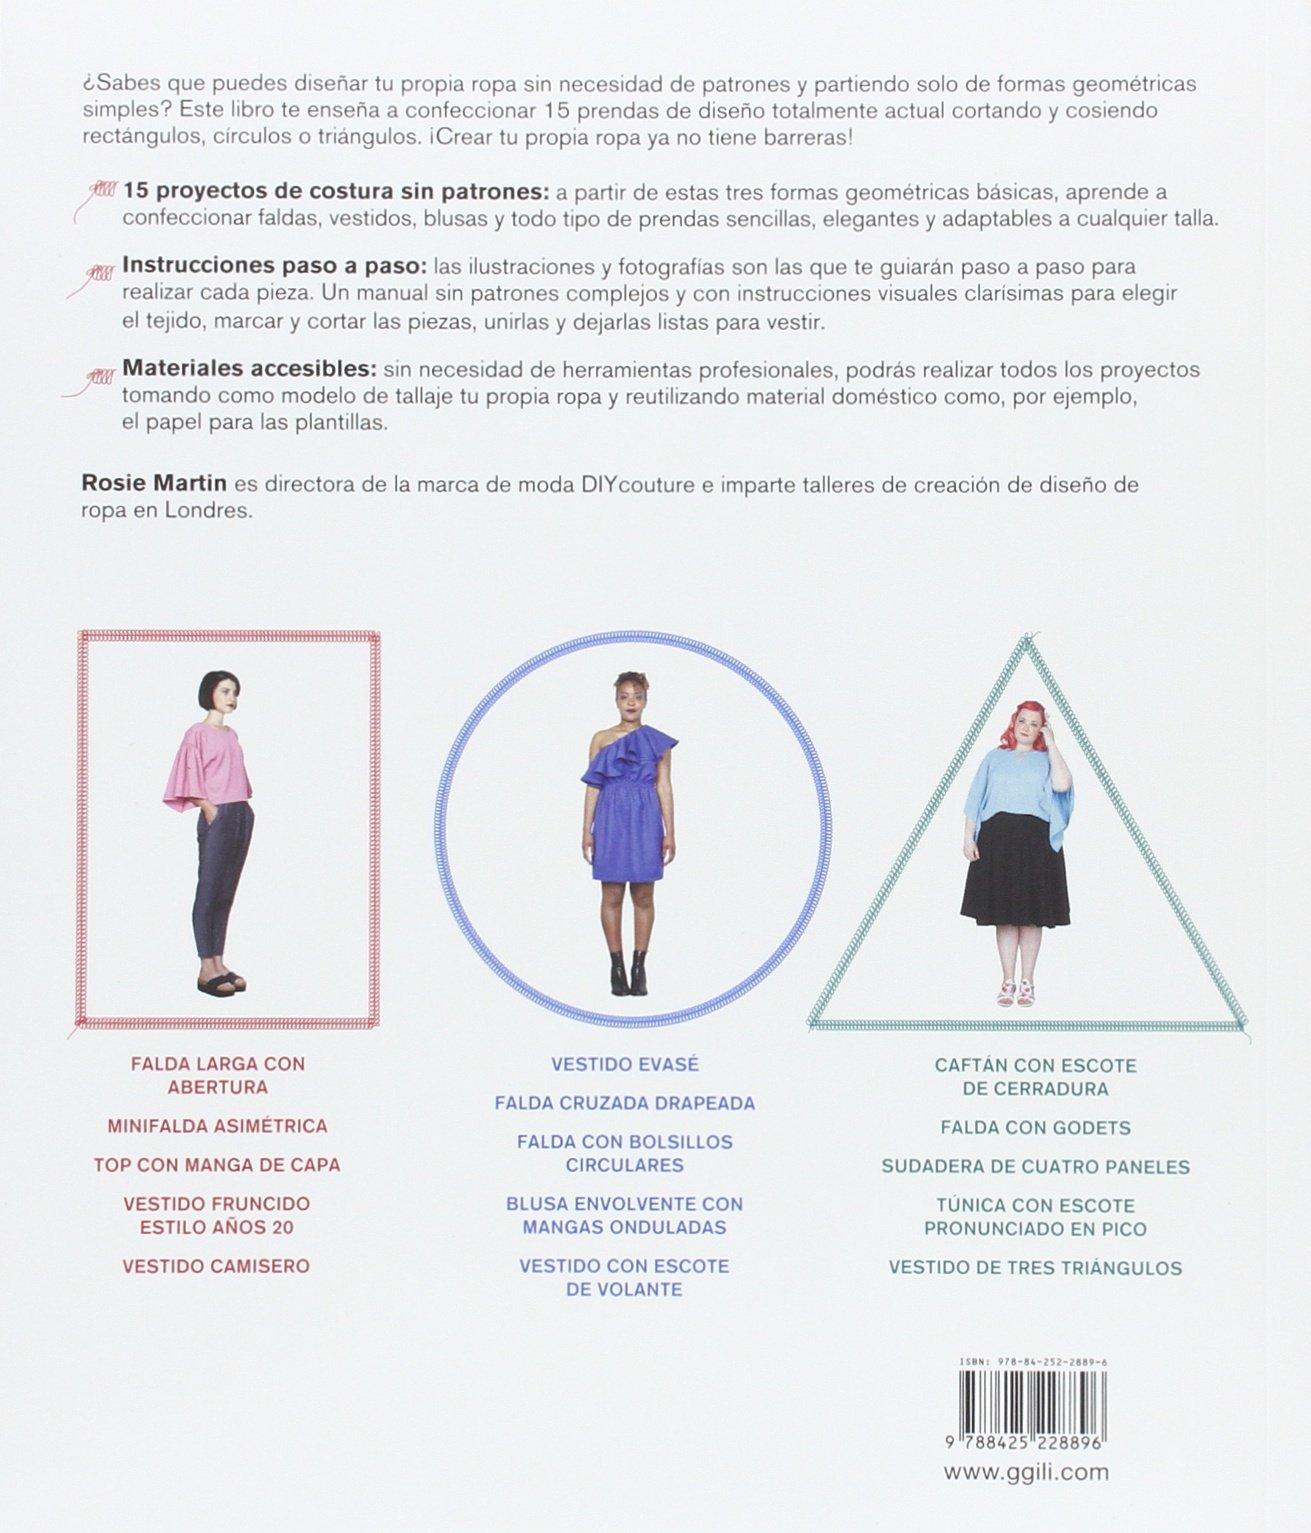 Costura sin patrones : cómo crear tu propia ropa con la ayuda de un rectángulo, un círculo y un triángulo: Rosie Martin: 9788425228896: Amazon.com: Books